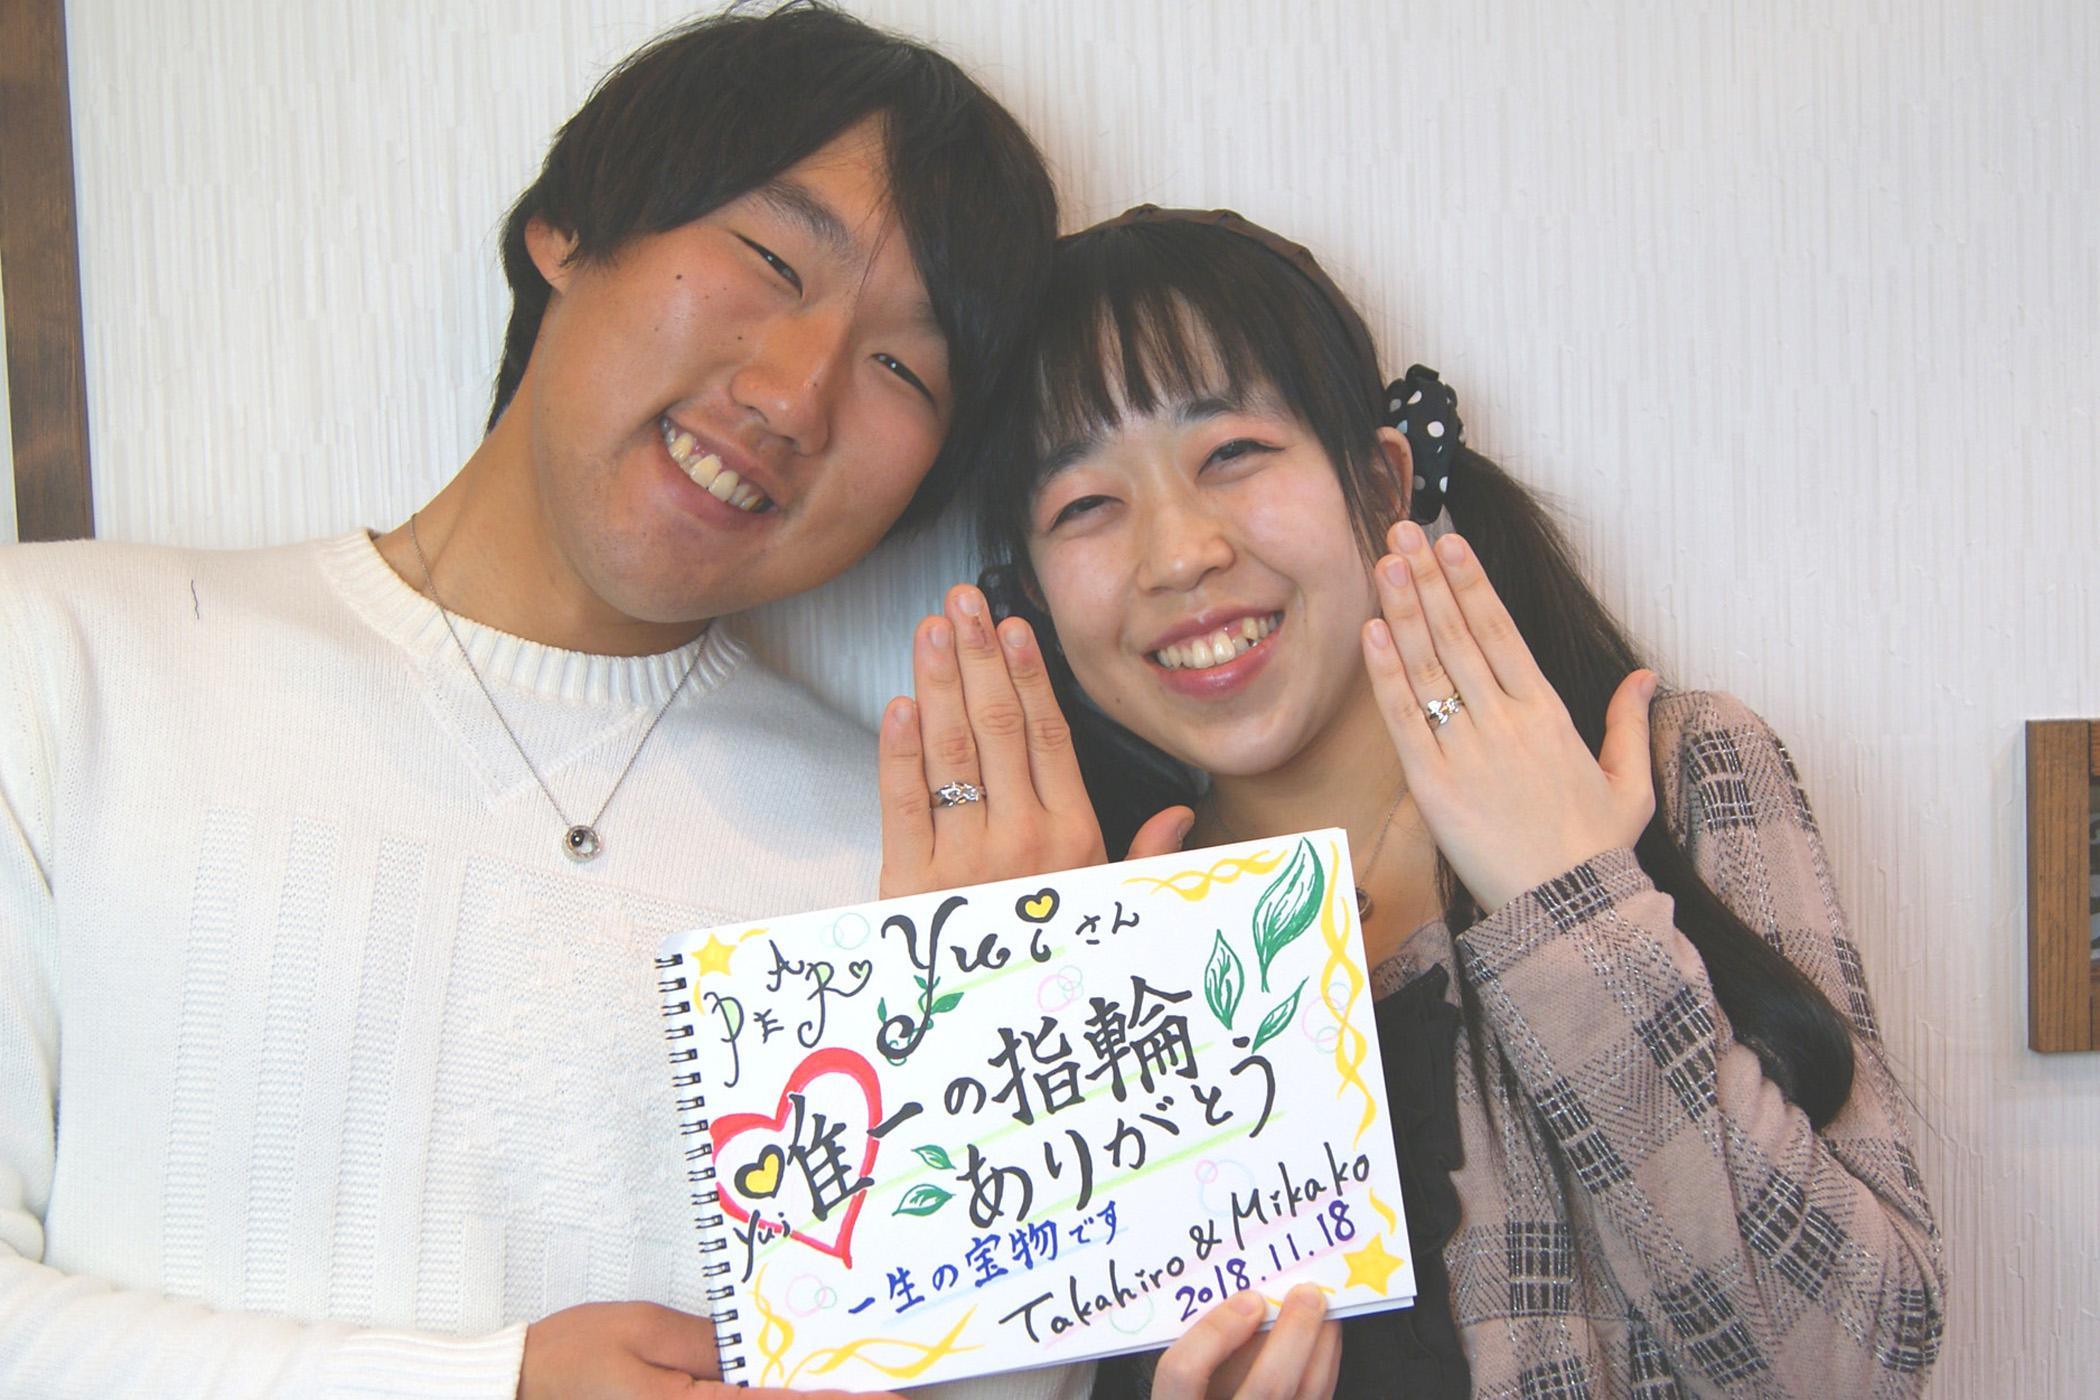 白河市からお越しの小川さんご夫妻/kazariyaYui福島県郡山市